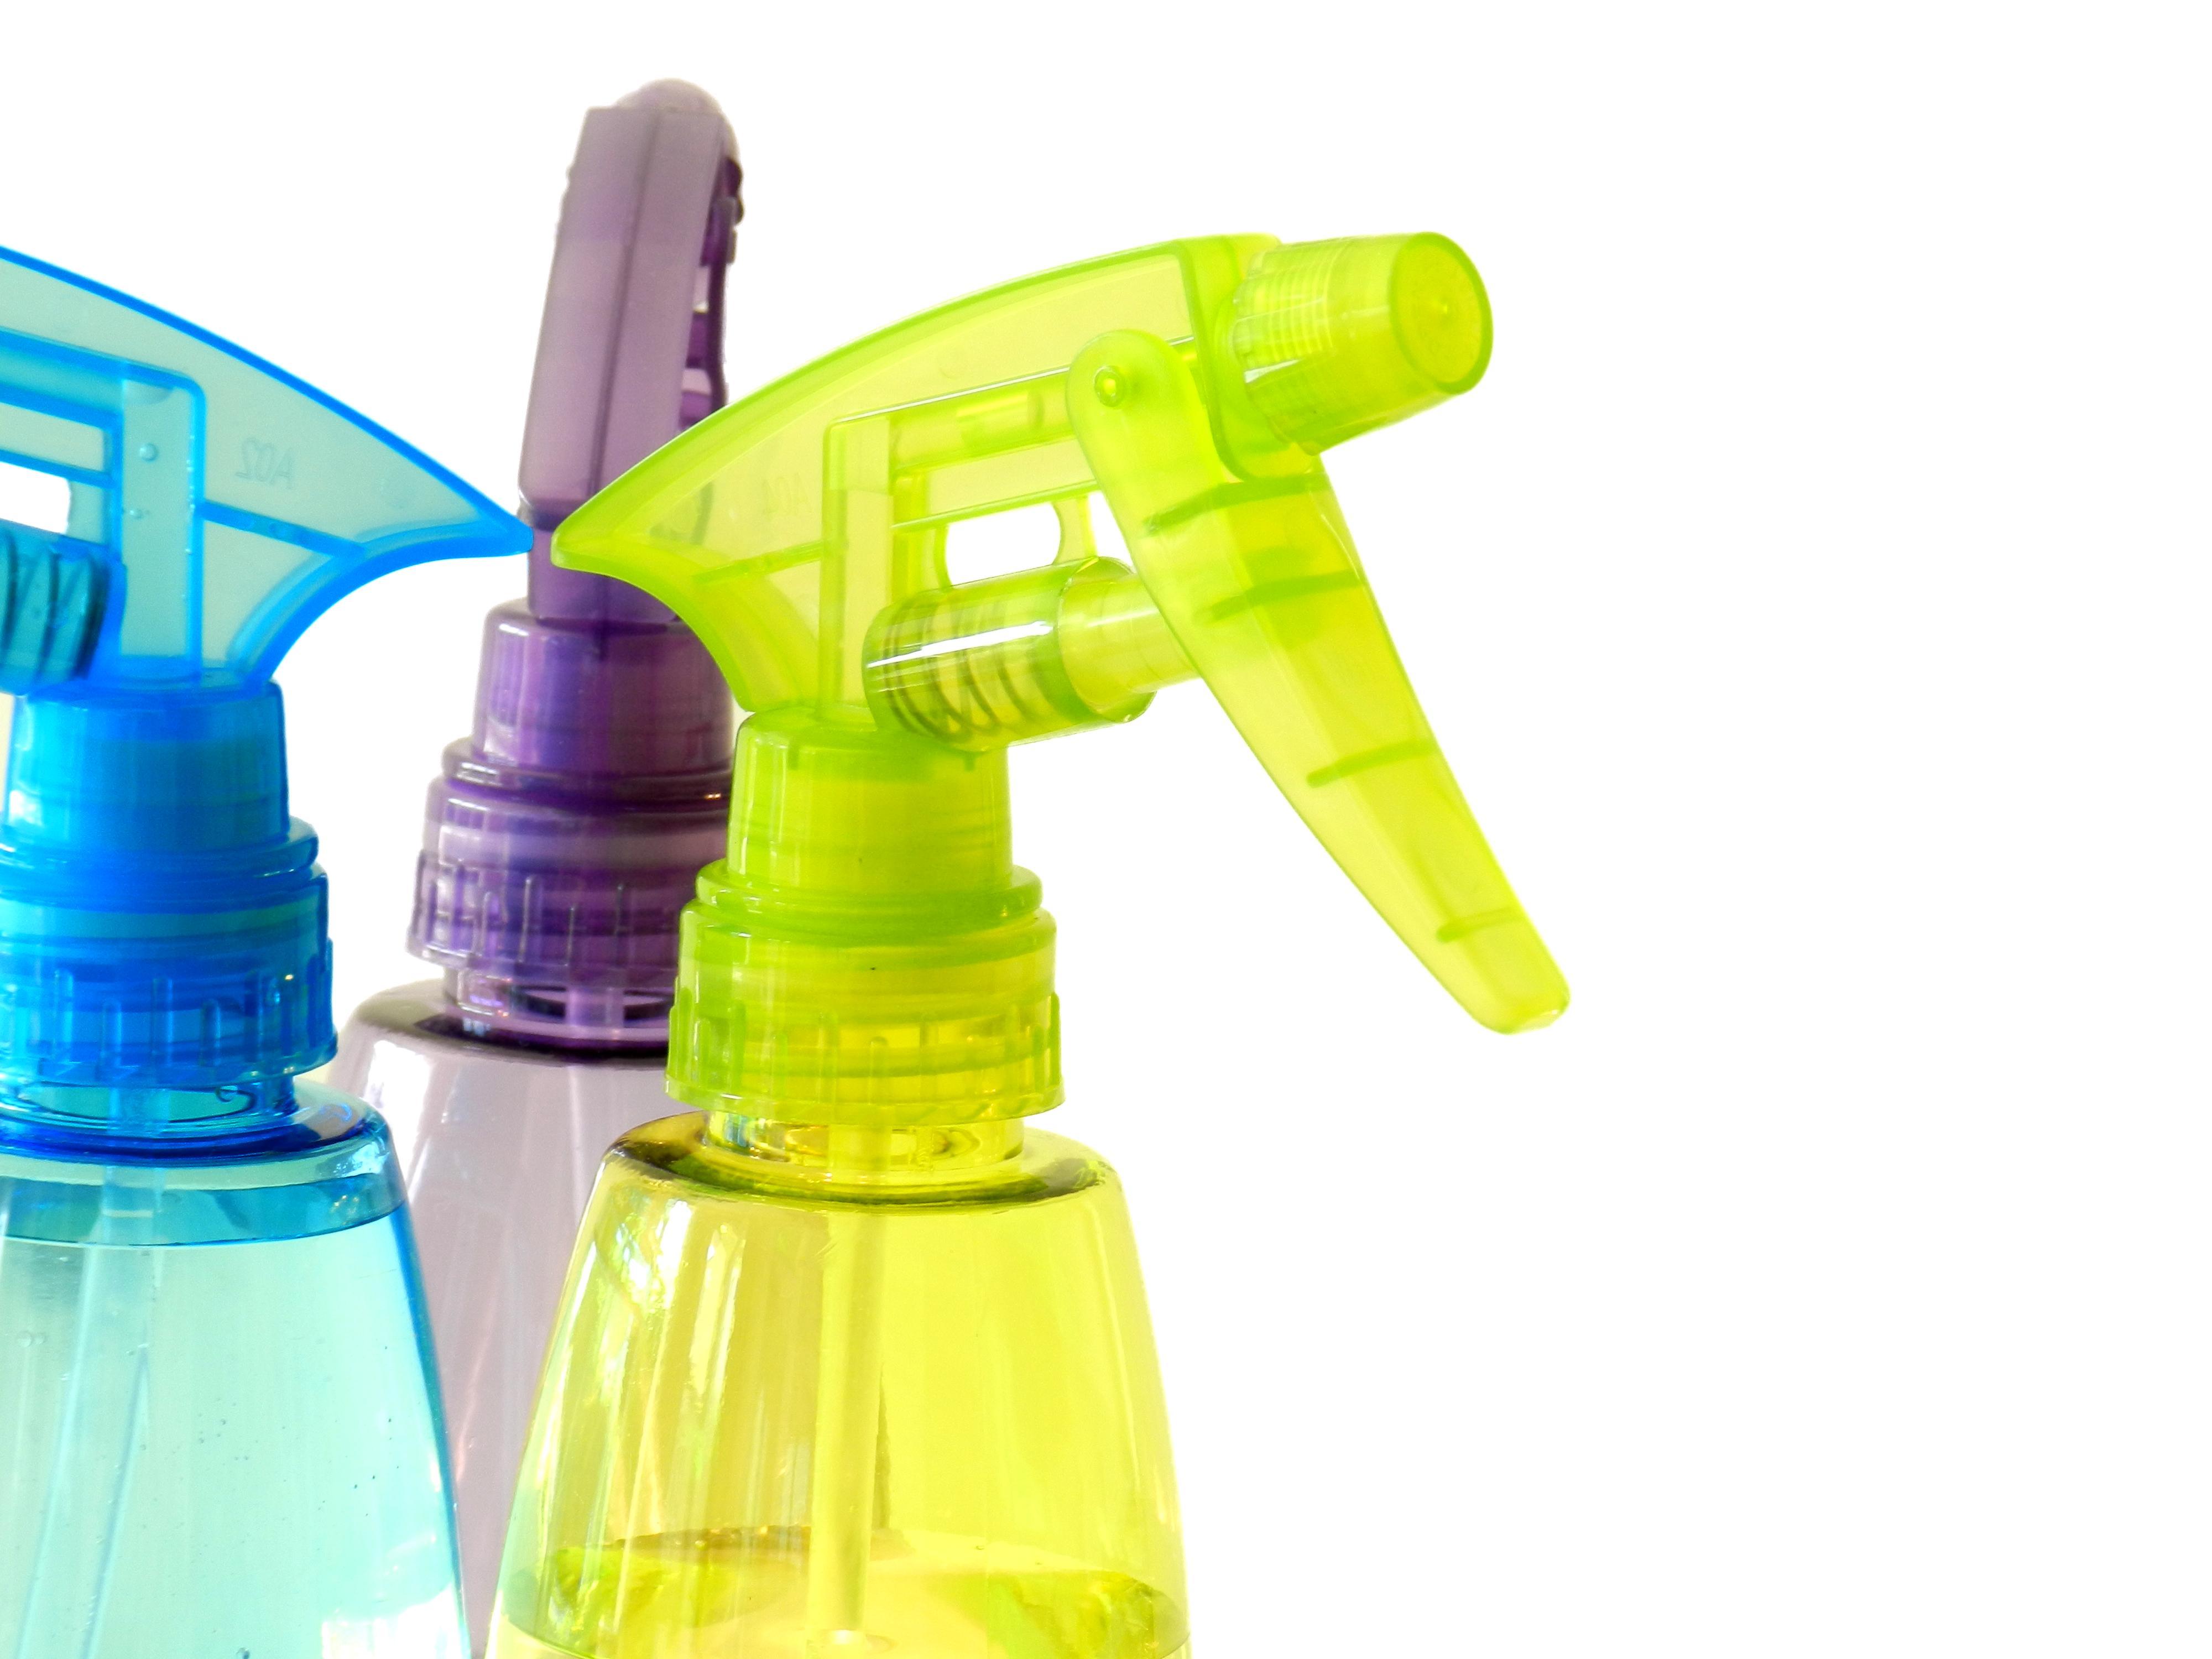 Cuidado con respirar productos químicos